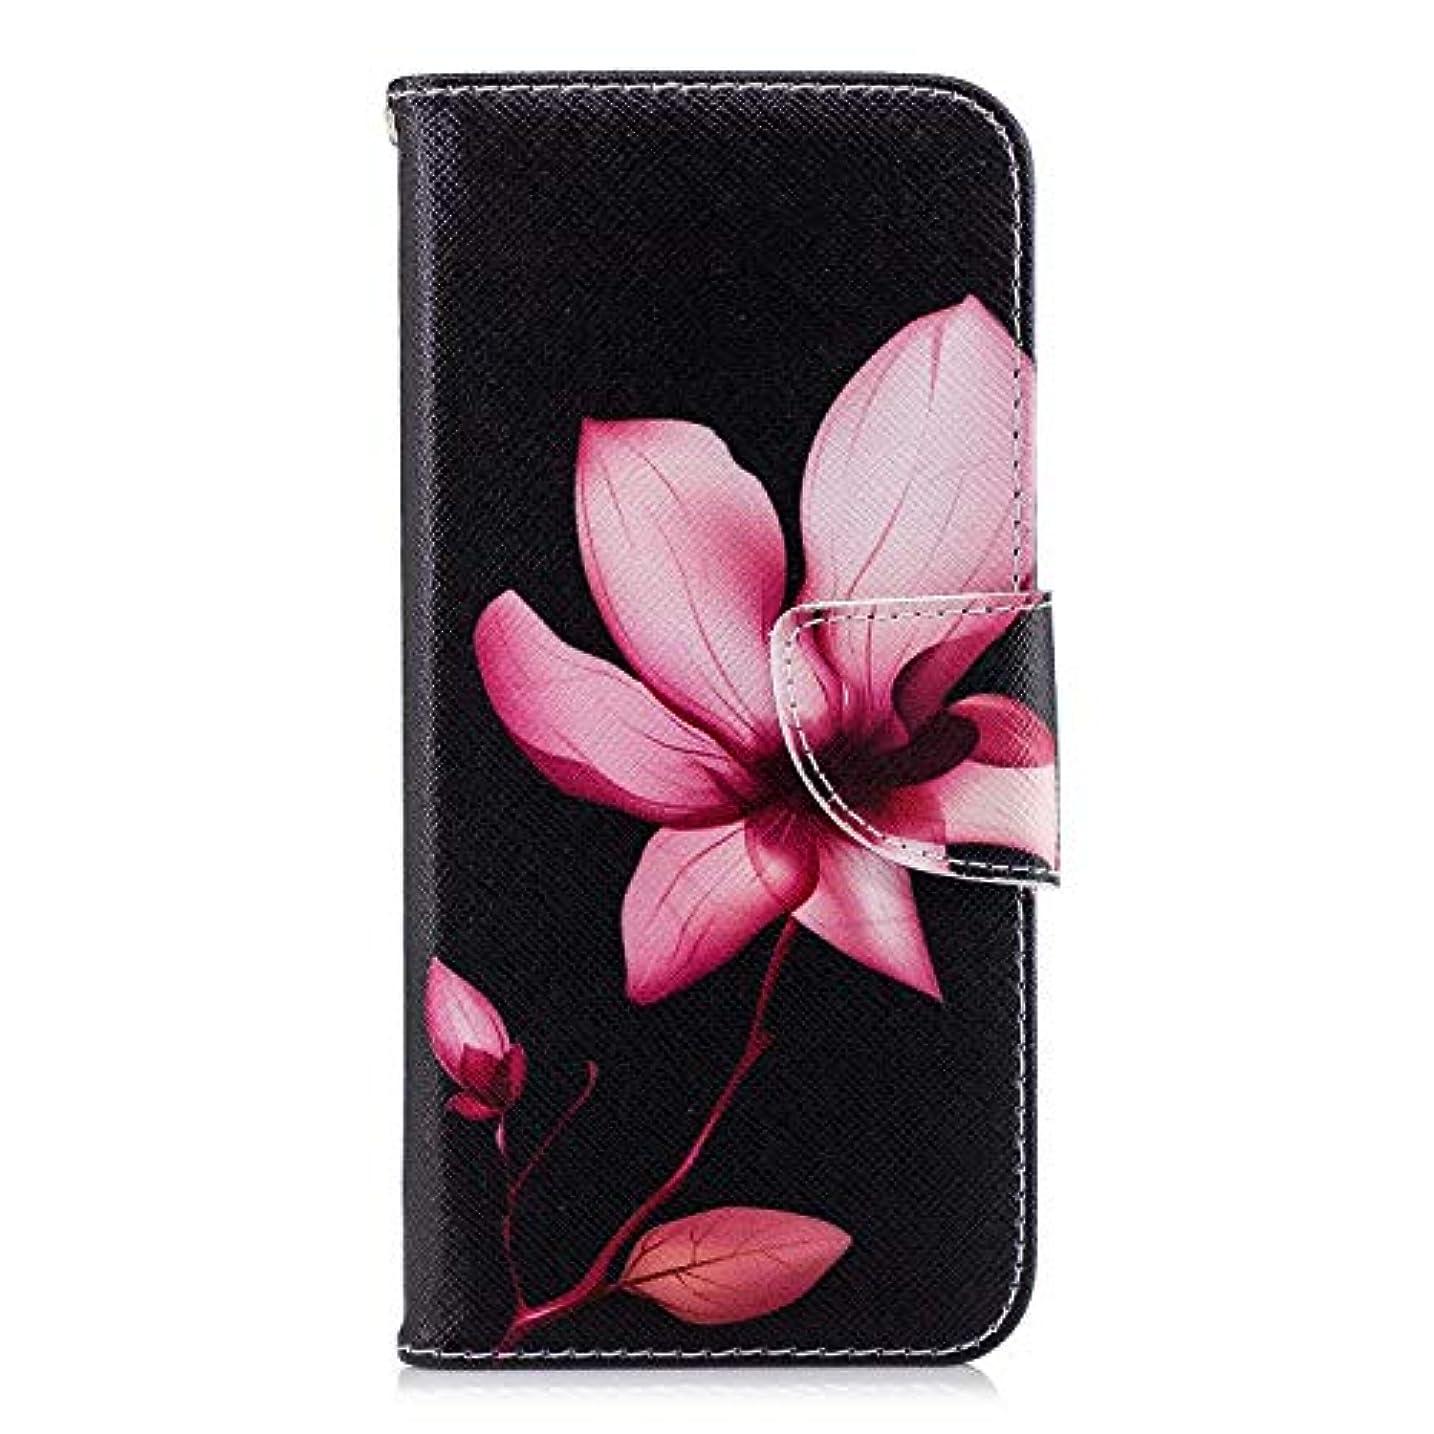 回復する十年いくつかのOMATENTI Huawei Honor 10 ケース, ファッション人気 PUレザー 手帳 軽量 電話ケース 耐衝撃性 落下防止 薄型 スマホケースザー 付きスタンド機能, マグネット開閉式 そしてカード収納 Huawei...